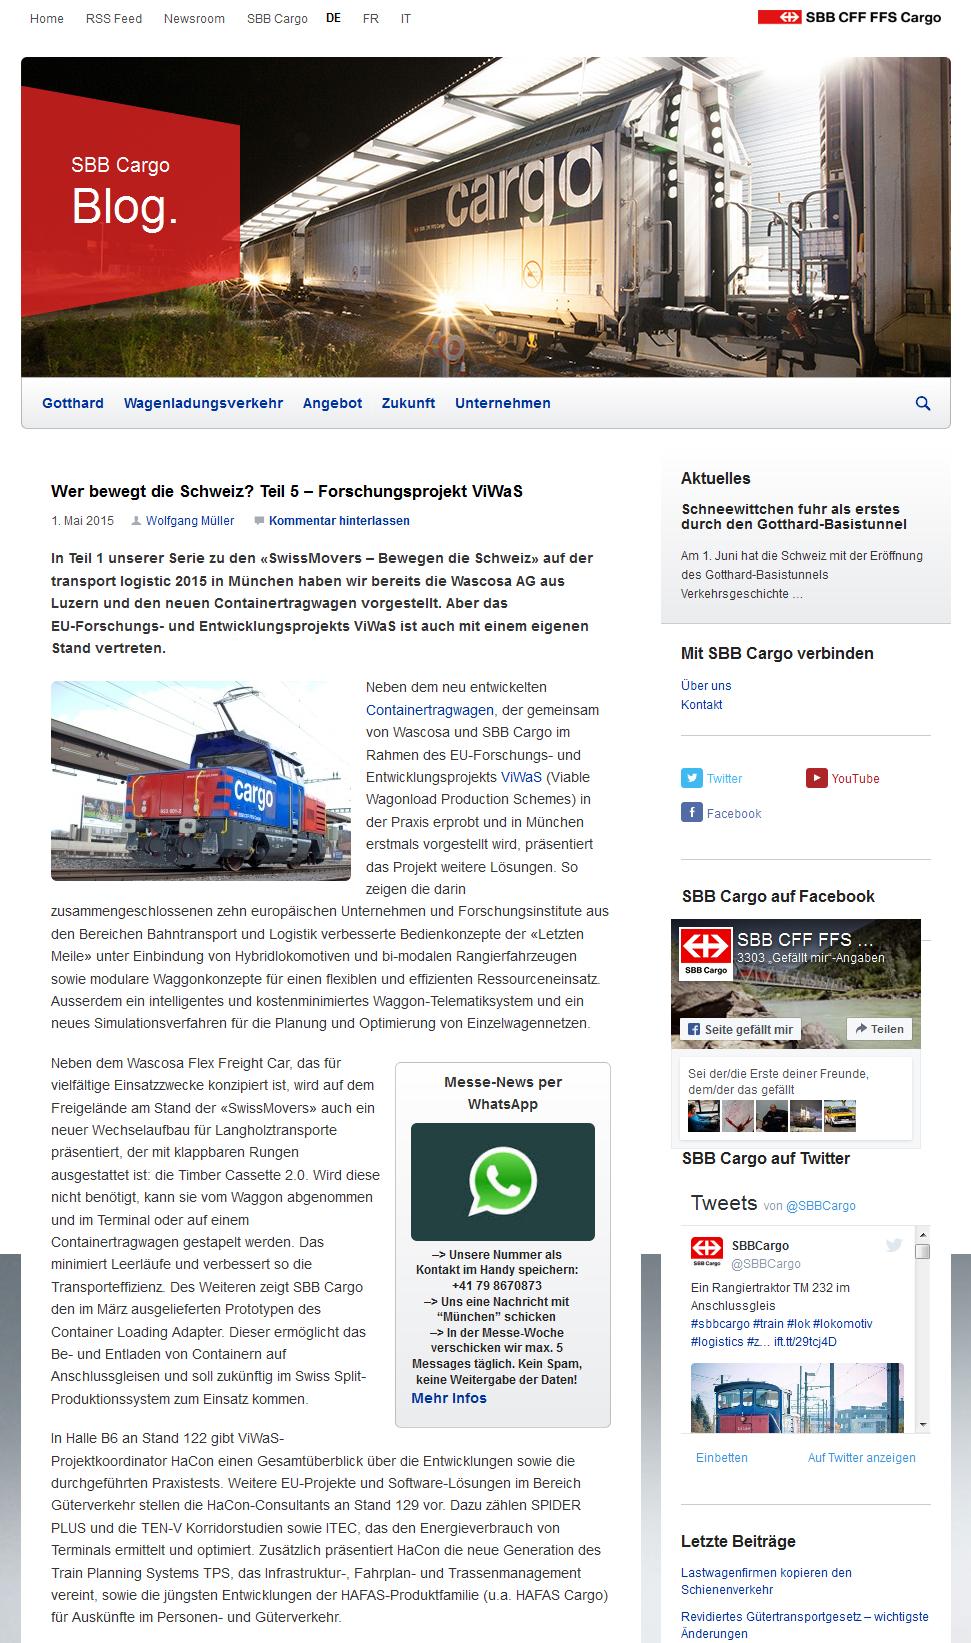 150501_SBB Blog Wer bewegt die Schweiz_Transport Logistic